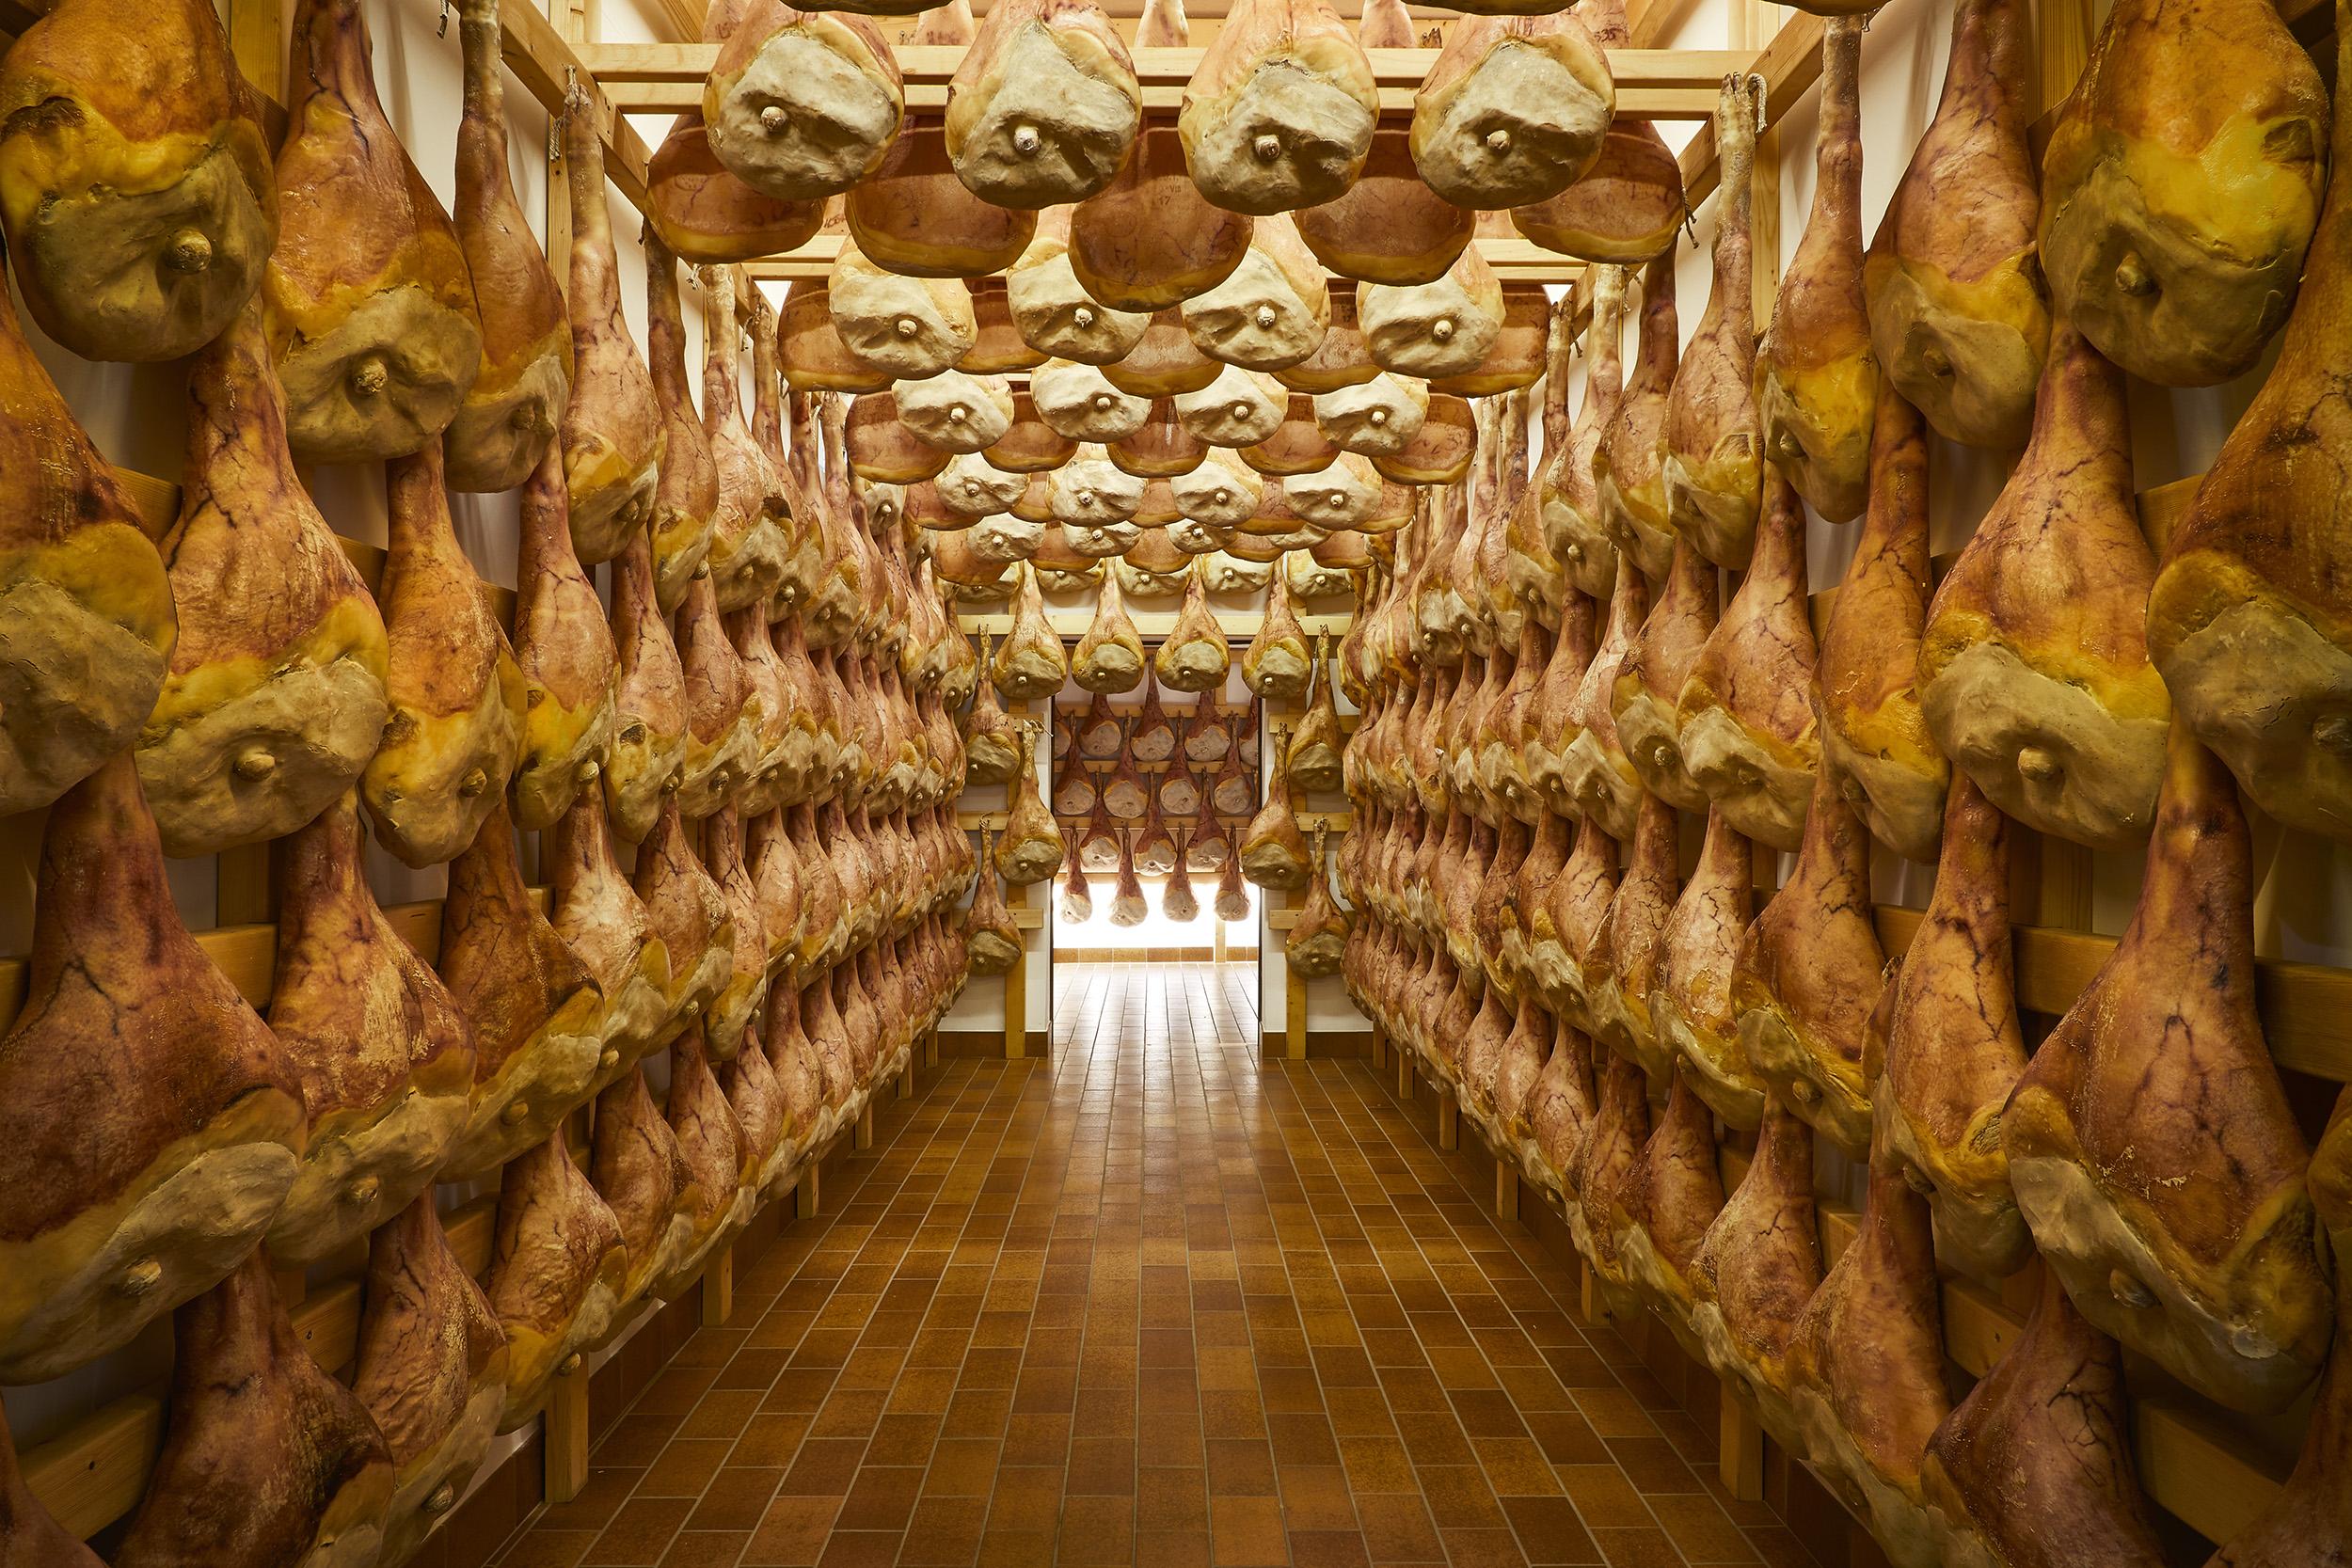 Prosciutti San Daniele, eccellenza made in Italy, cresce nei mercati internazionali e negli statunitense